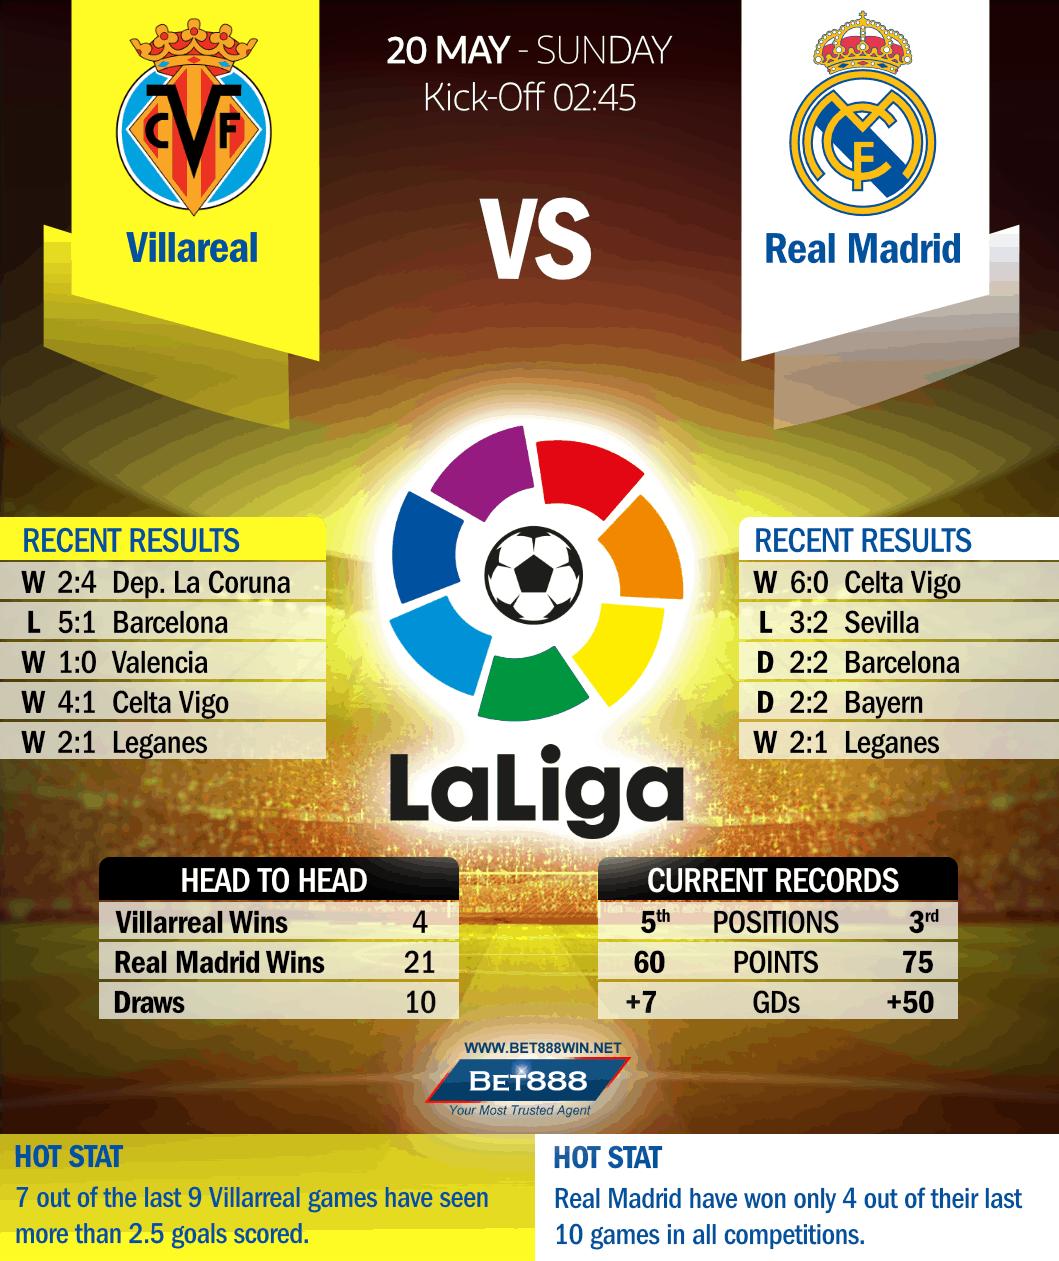 Villarreal vs Real Madrid 20/05/18